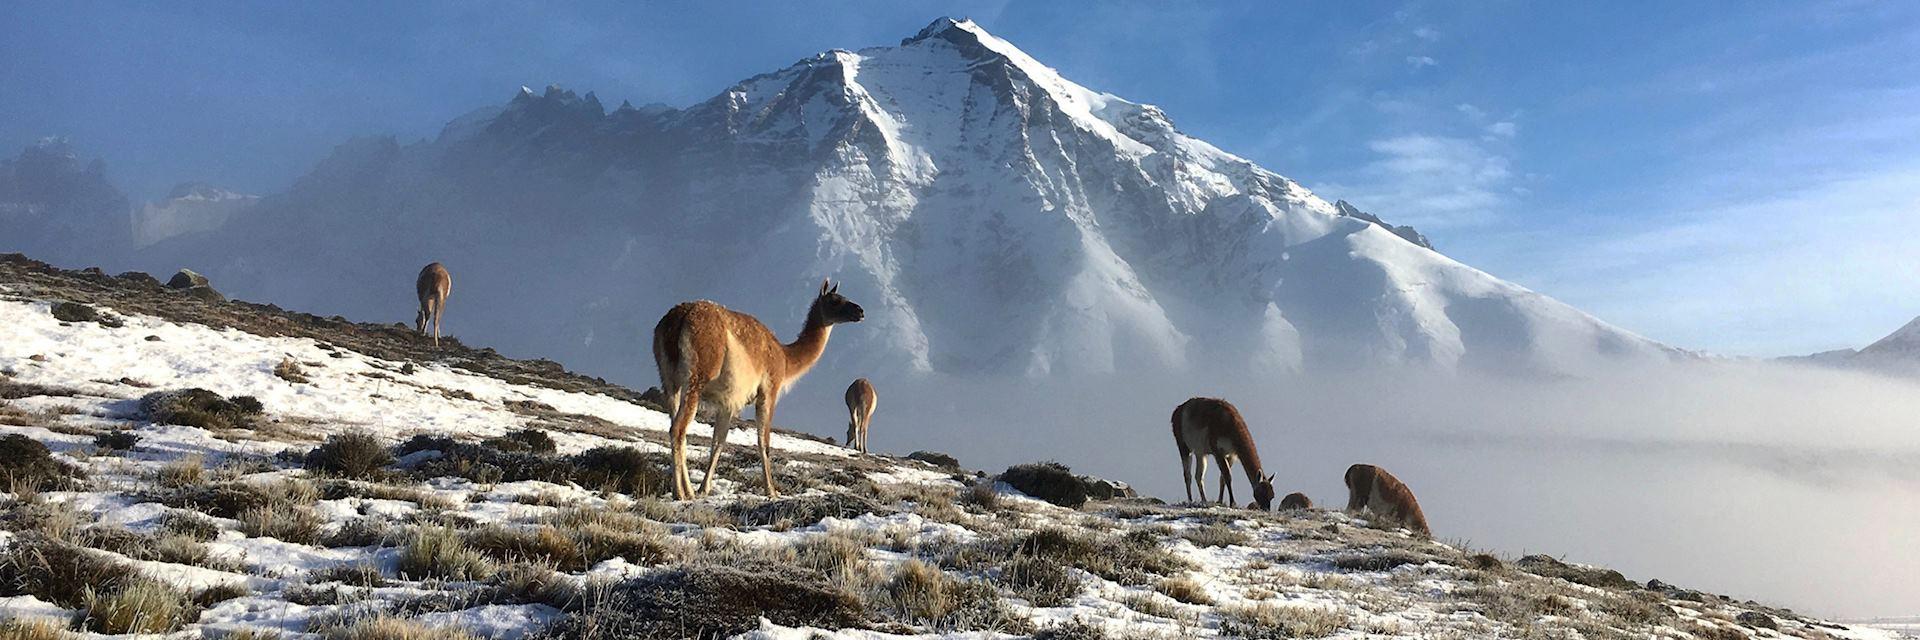 Guanaco, Torres del Paine National Park